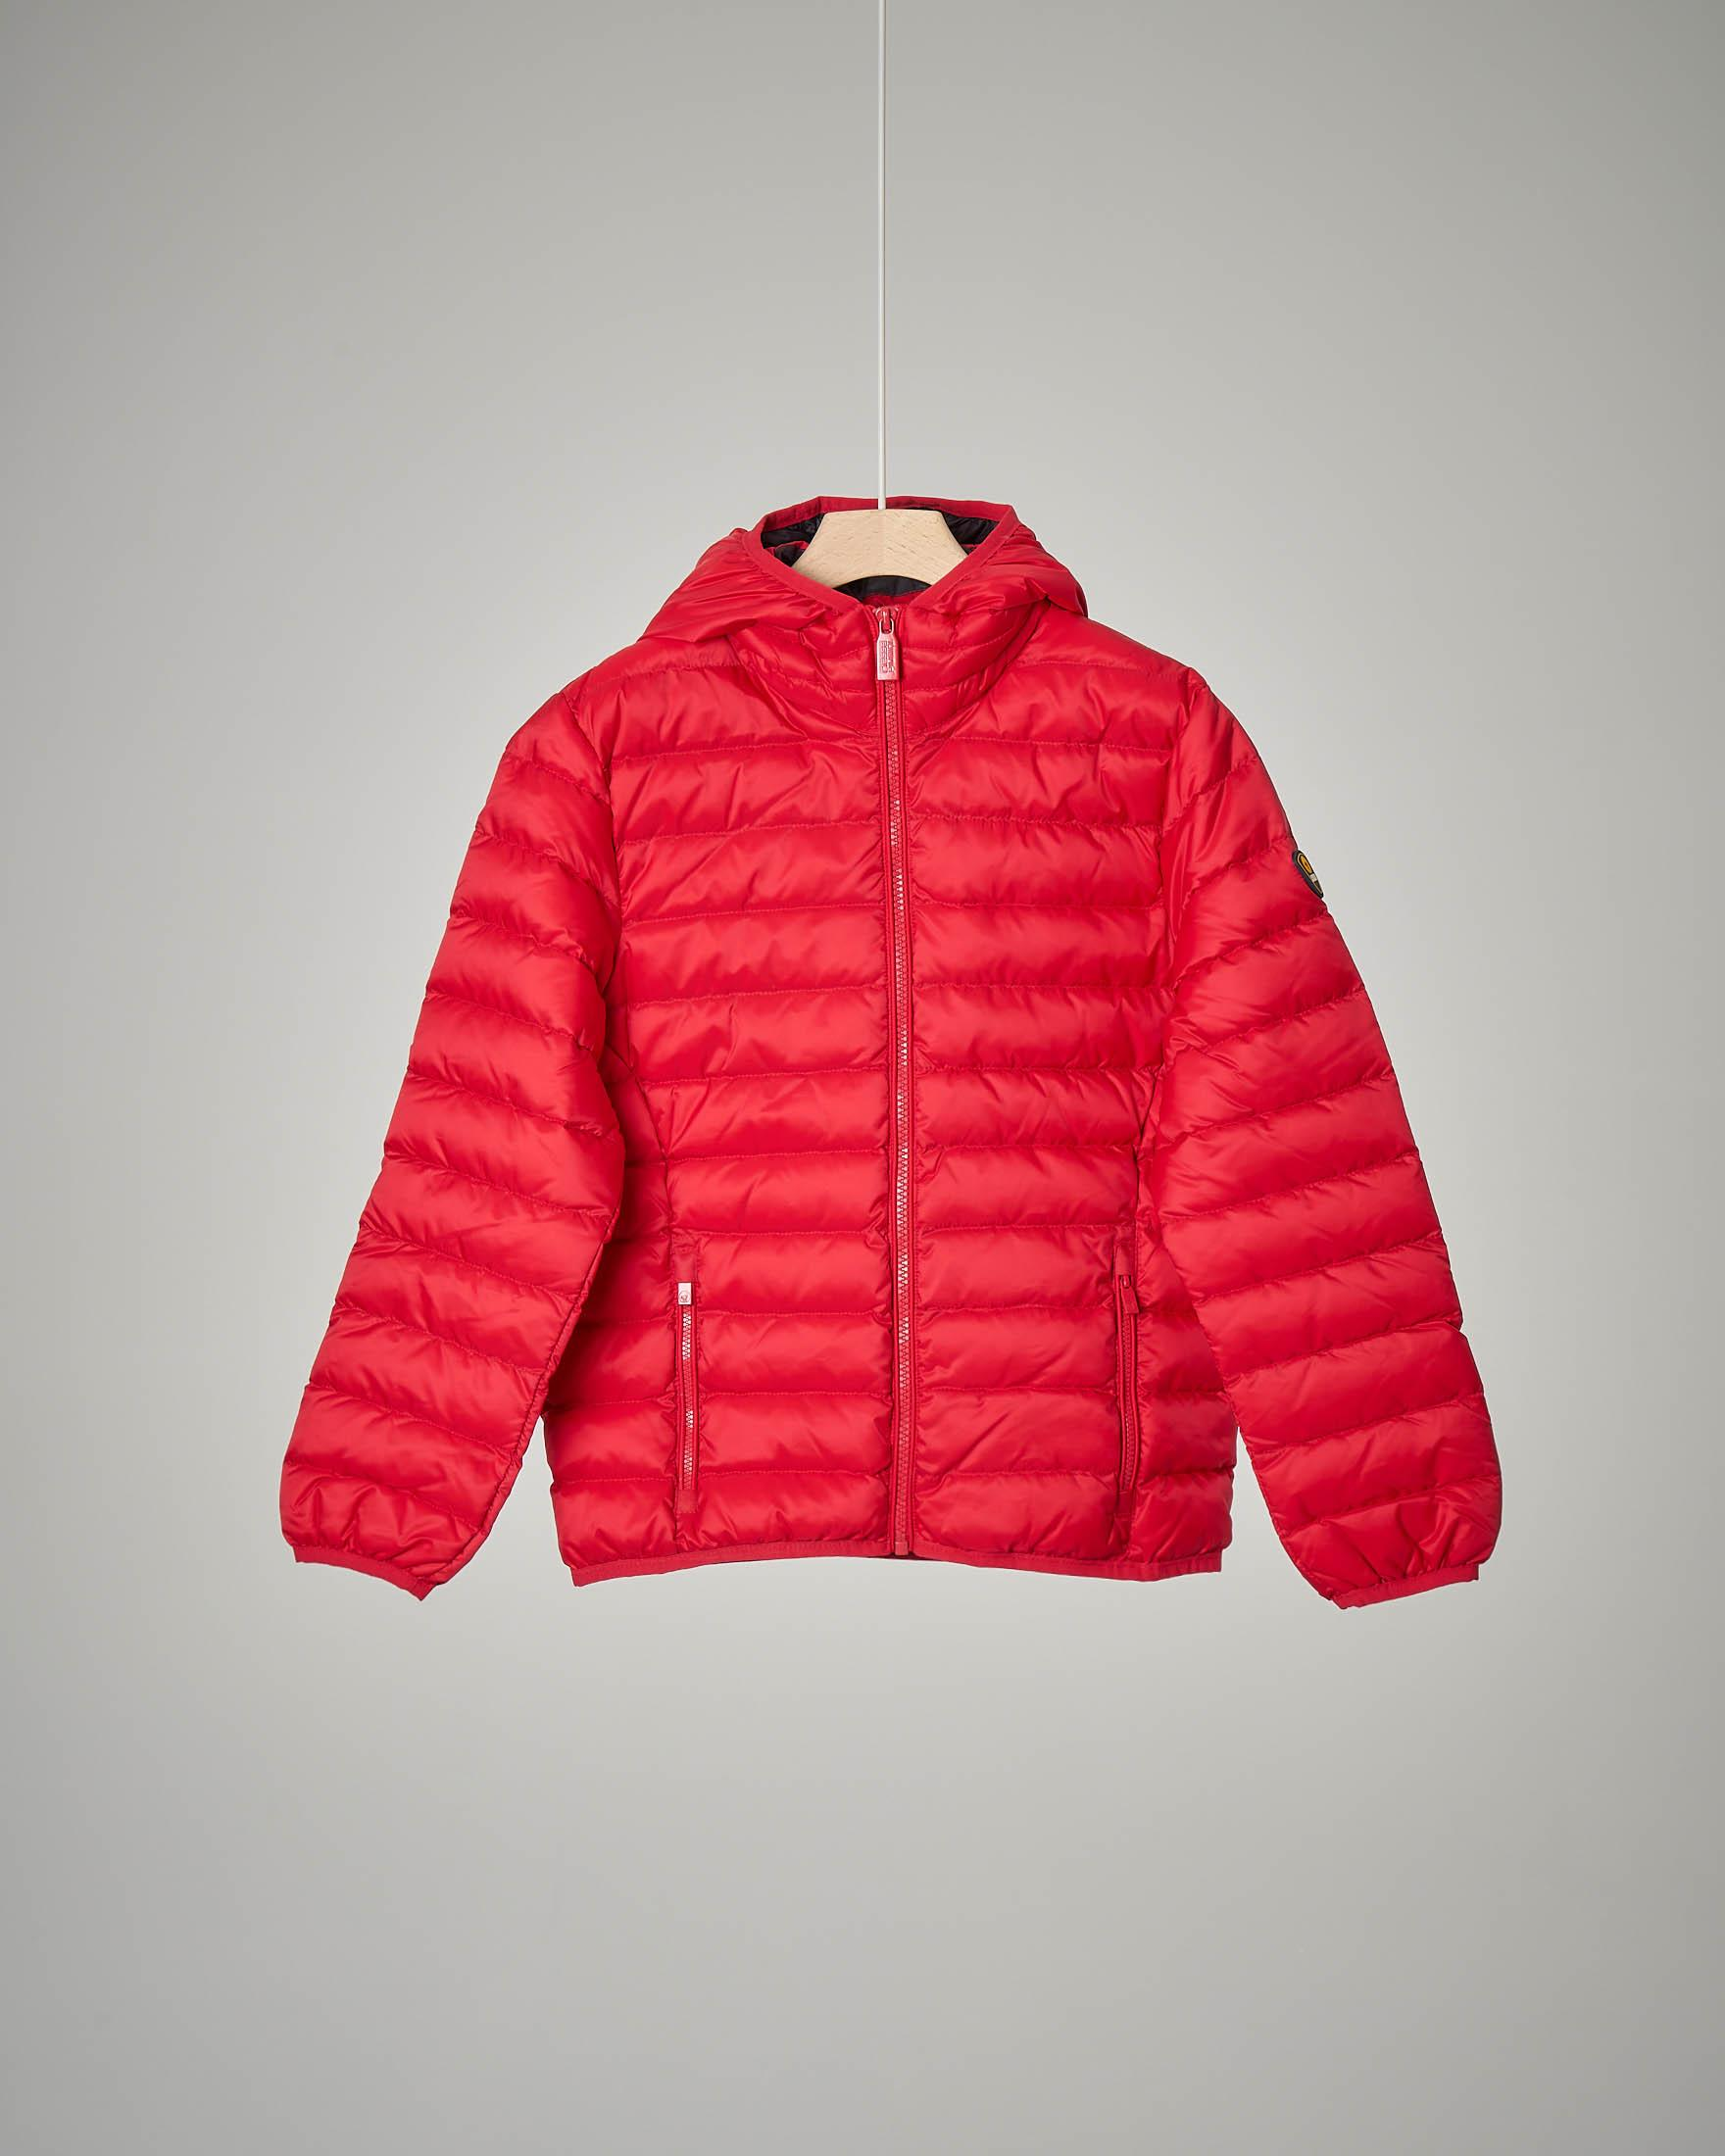 Piumino rosso con cappuccio 10 anni